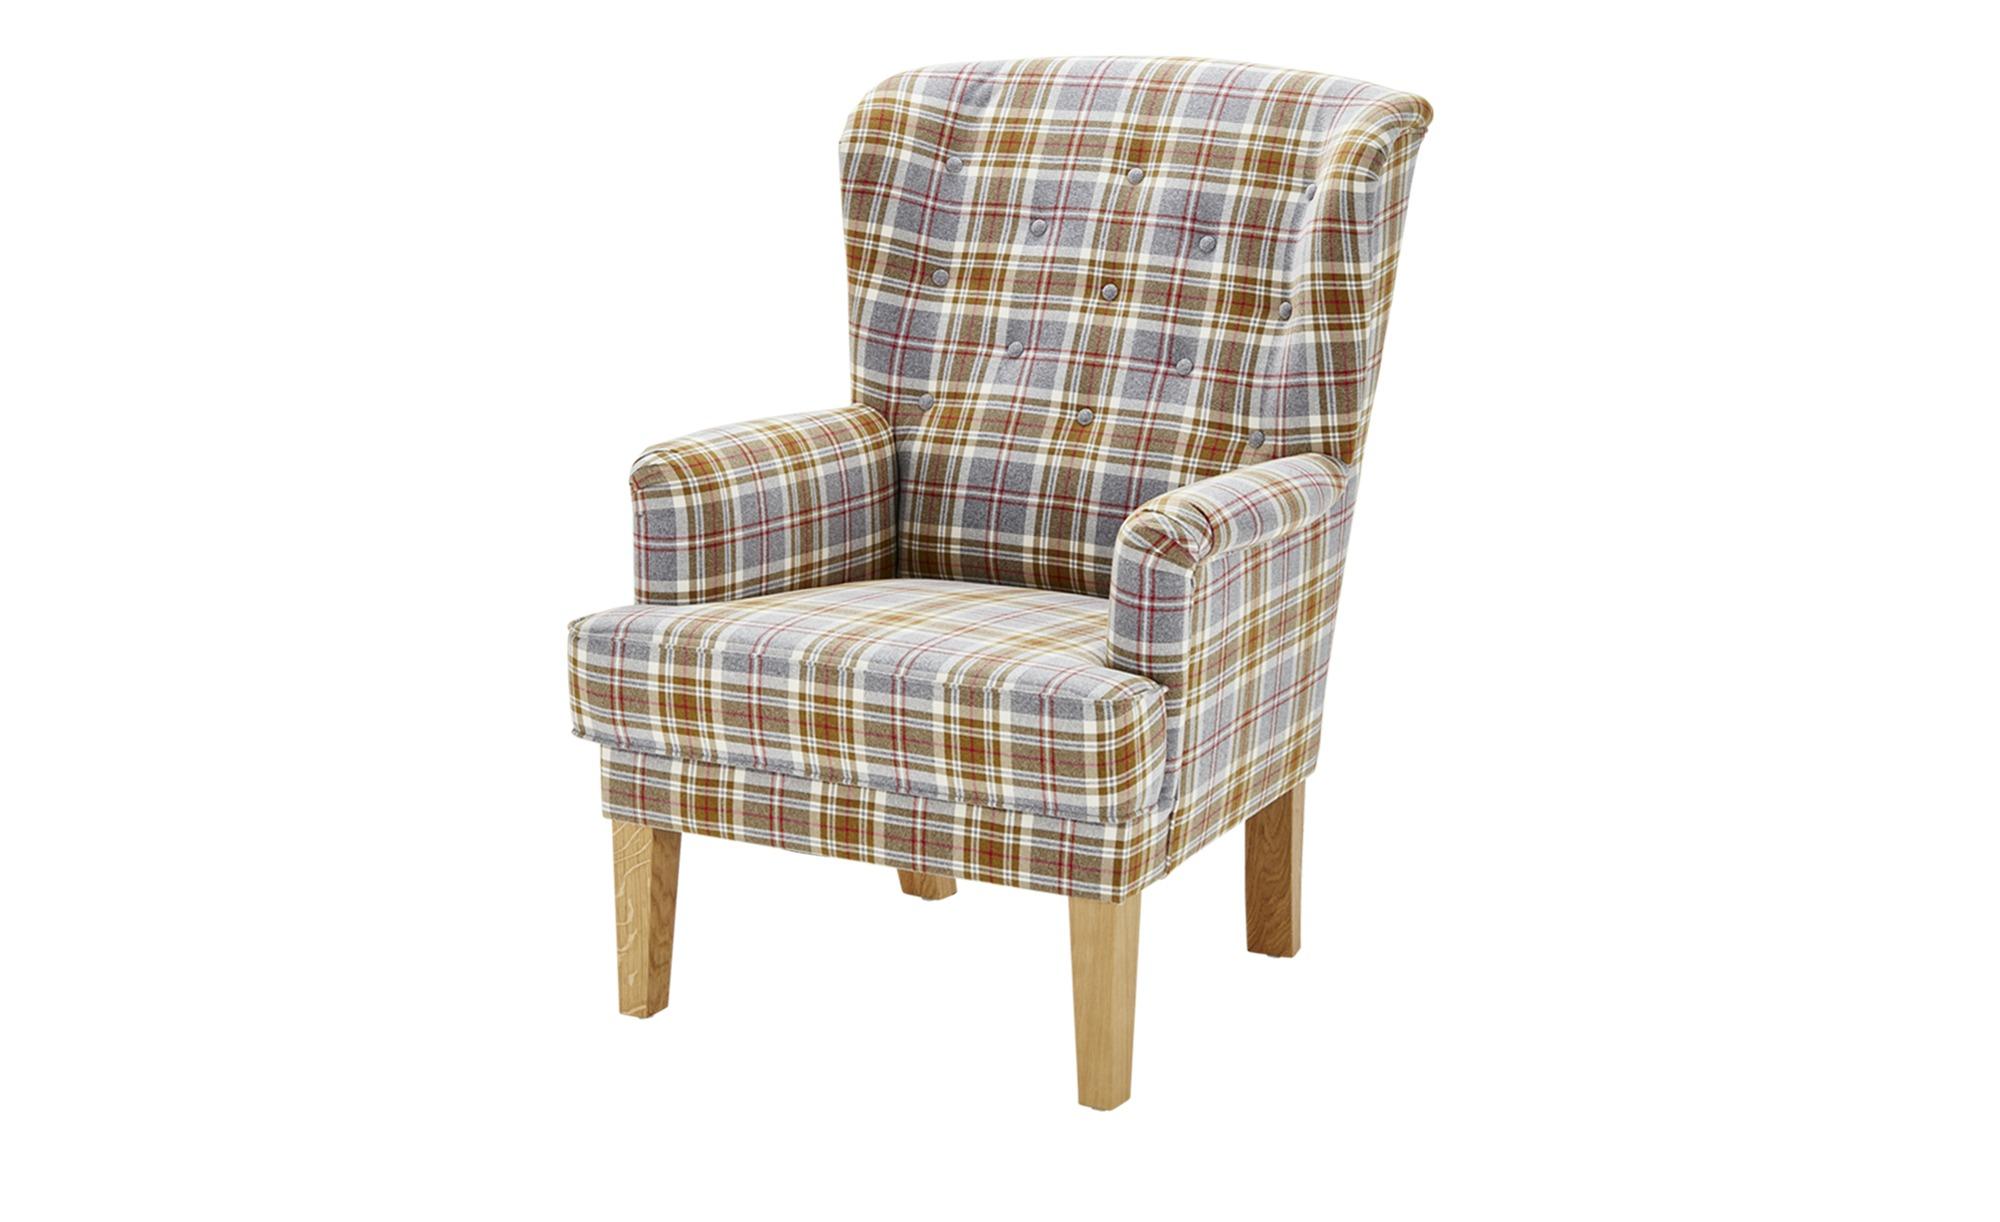 Sessel Reith Breite 74 cm Höhe 105 cm mehrfarbig online kaufen bei WOONIO